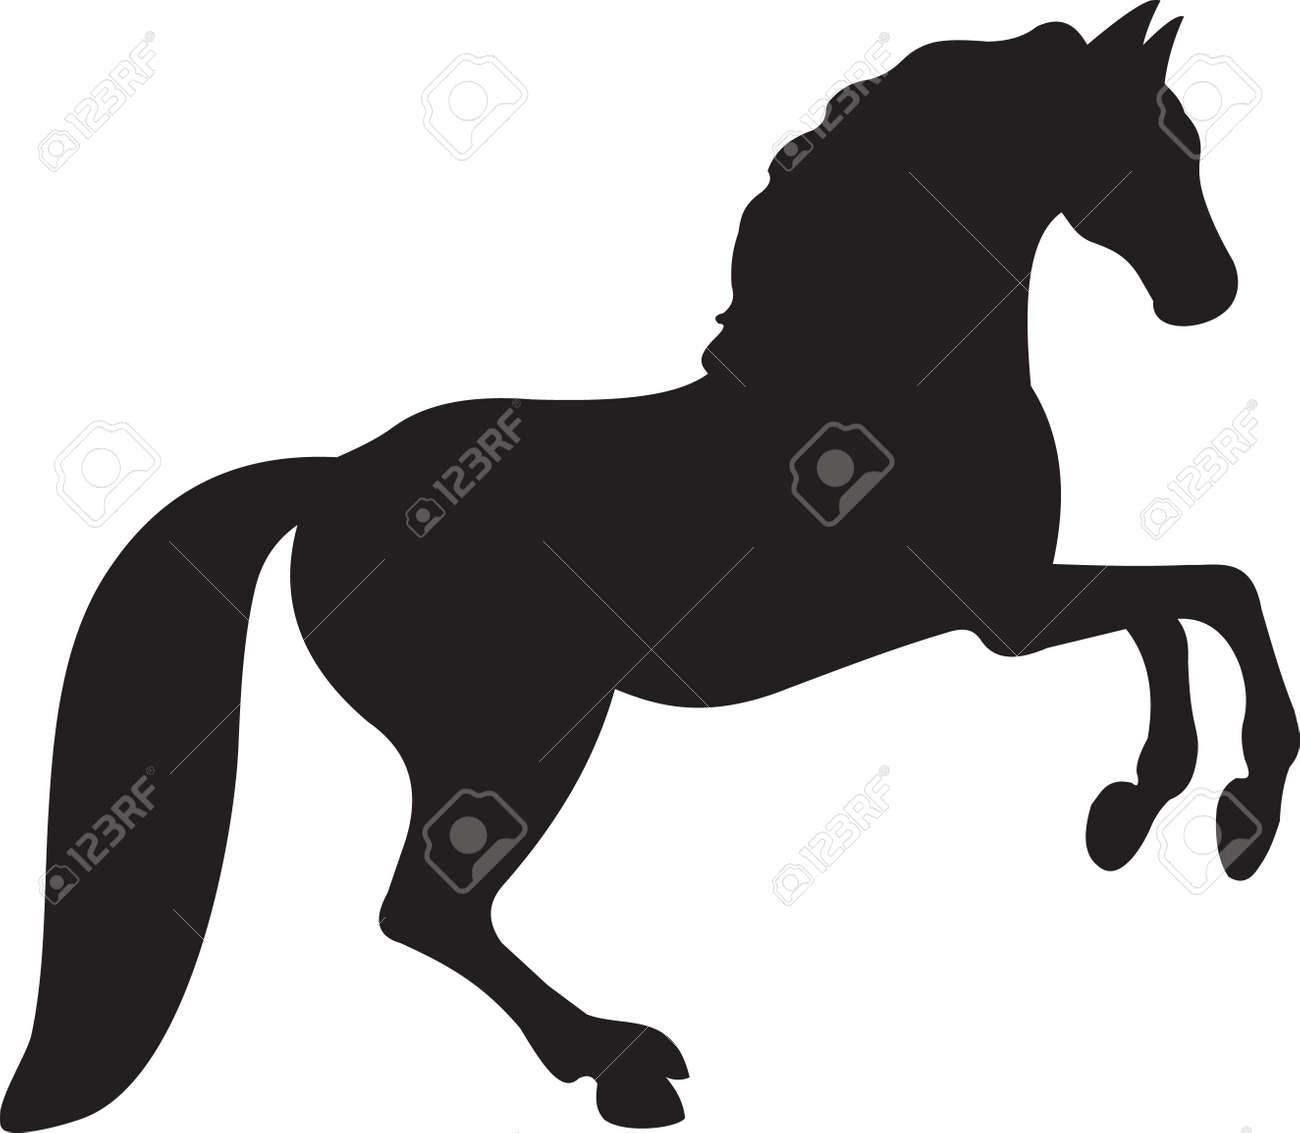 Horse Stock Vector - 7740732